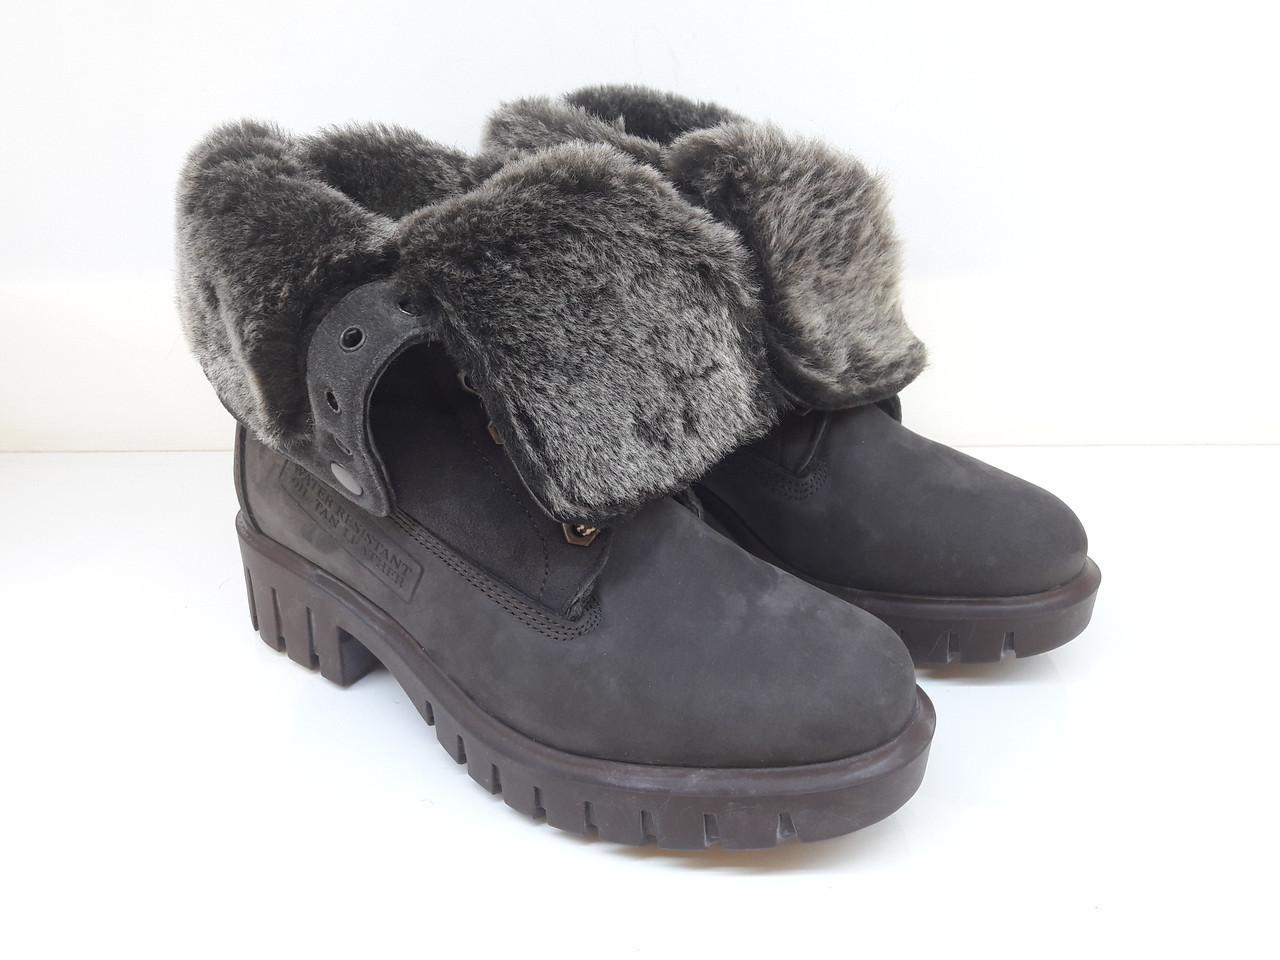 Ботинки Etor 10315-21554-1516 40 коричневые